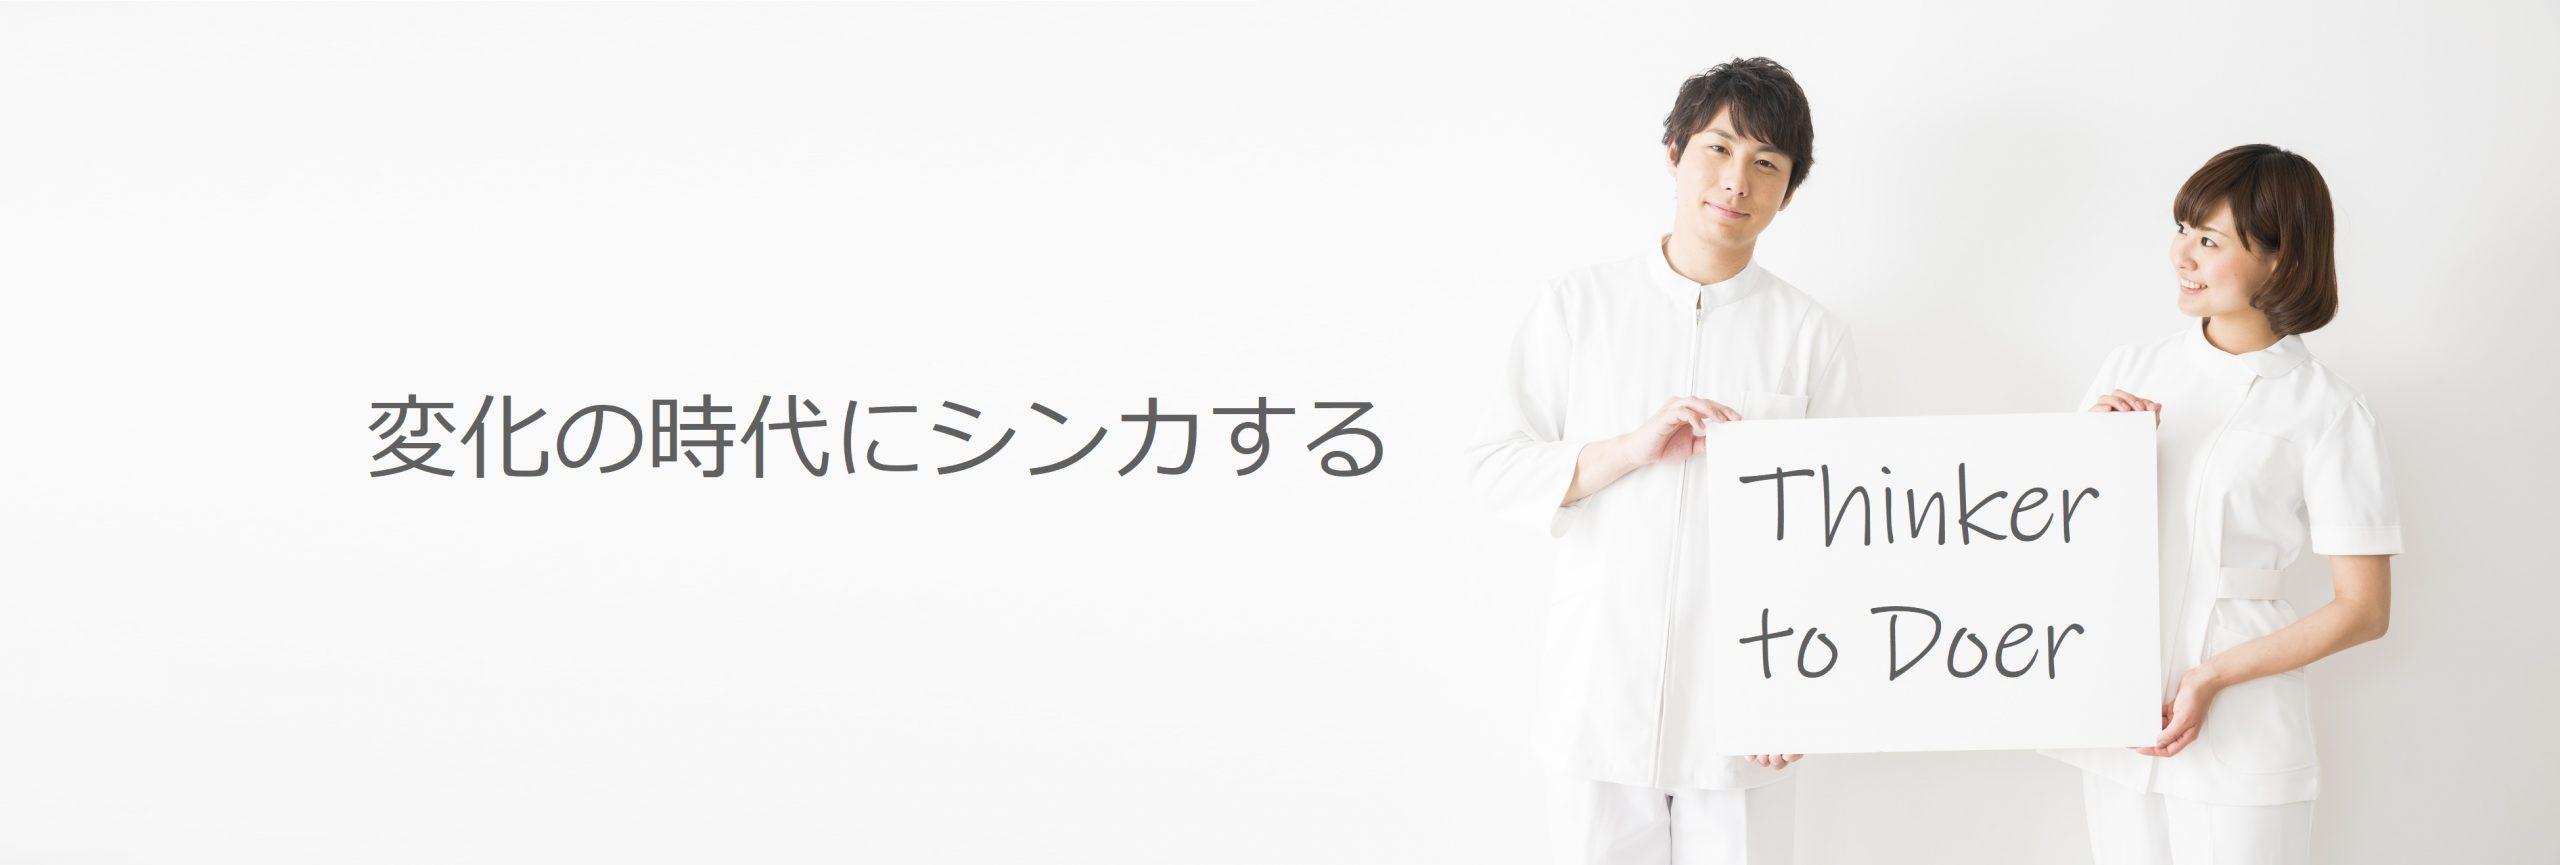 白衣の男女(変化の時代にシンカする)